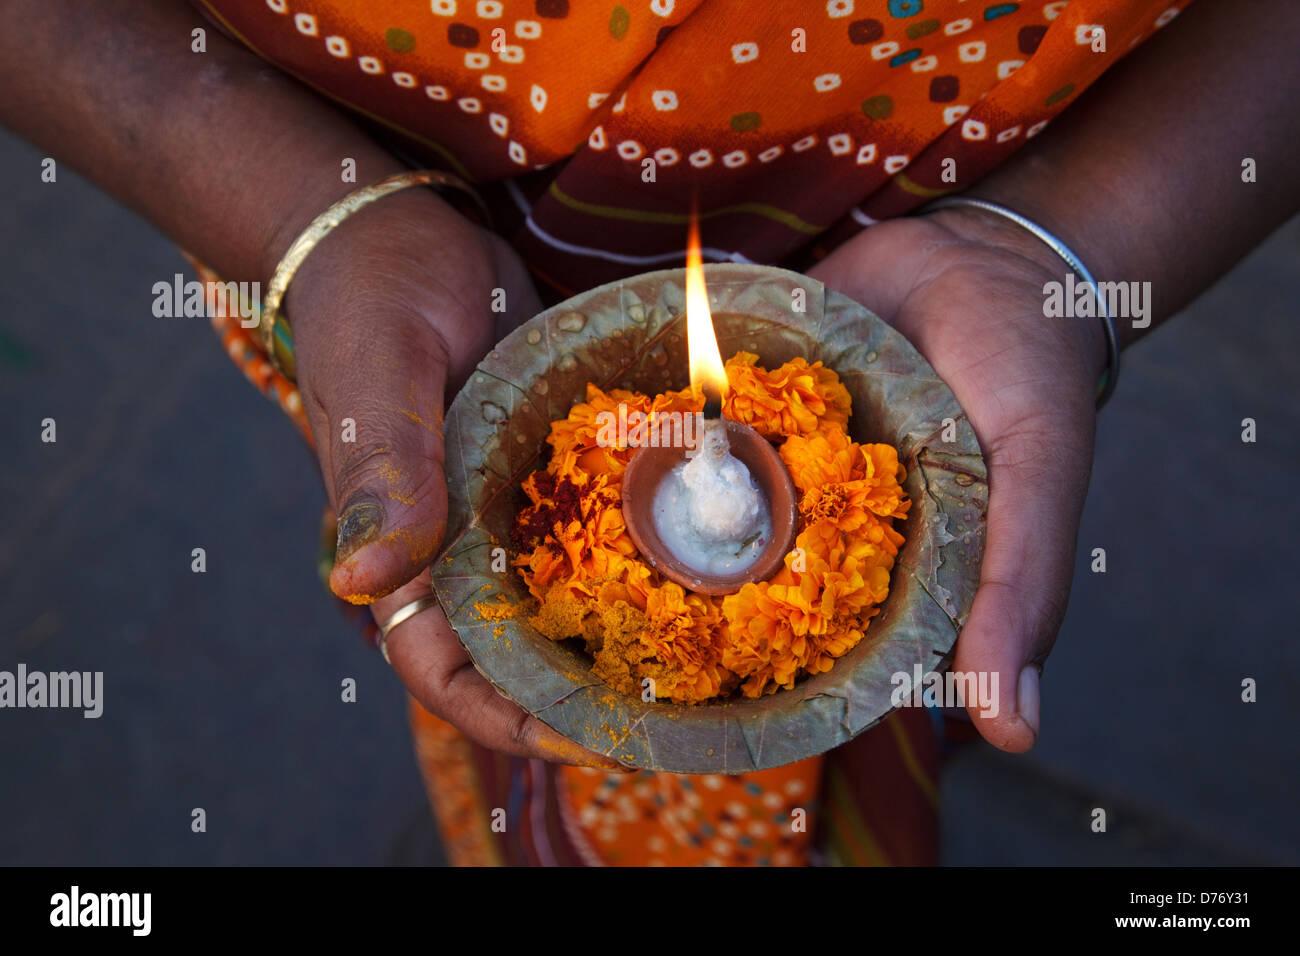 Una mujer sostiene puya pooja ofrendas con flores y velas en el río Ganges en Varanasi, India. Imagen De Stock